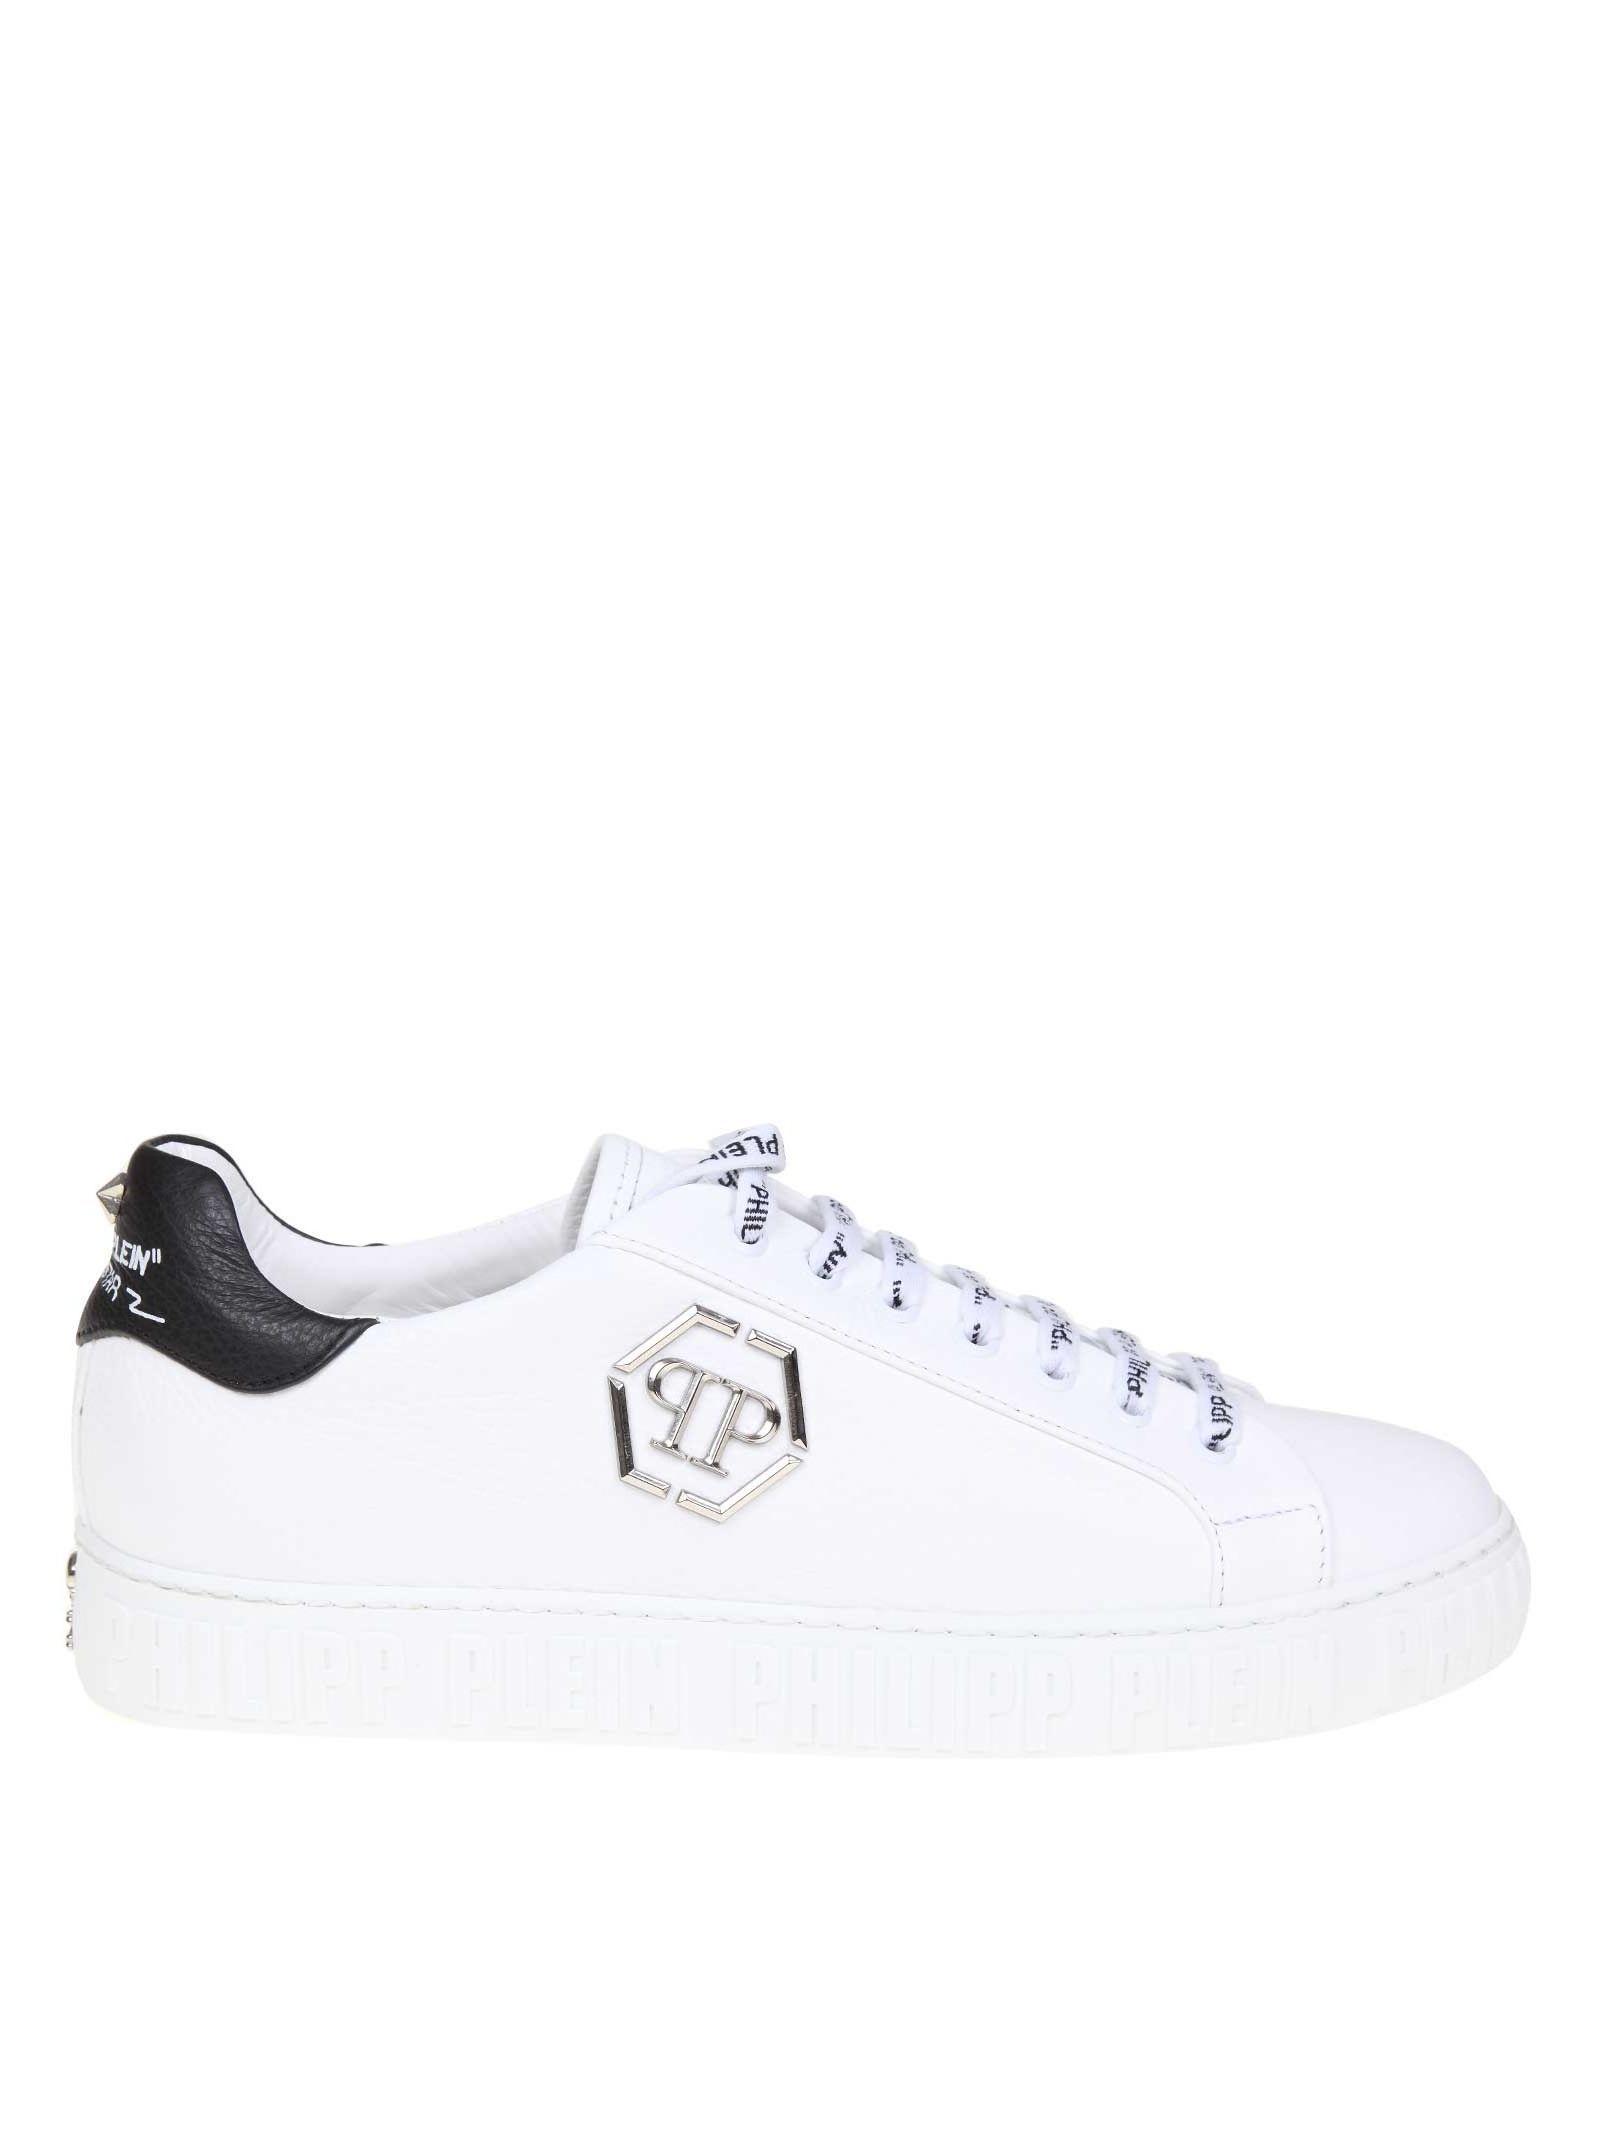 c5384c6eb4 PHILIPP PLEIN LO-TOP WHITE LEATHER SNEAKERS. #philippplein #shoes ...